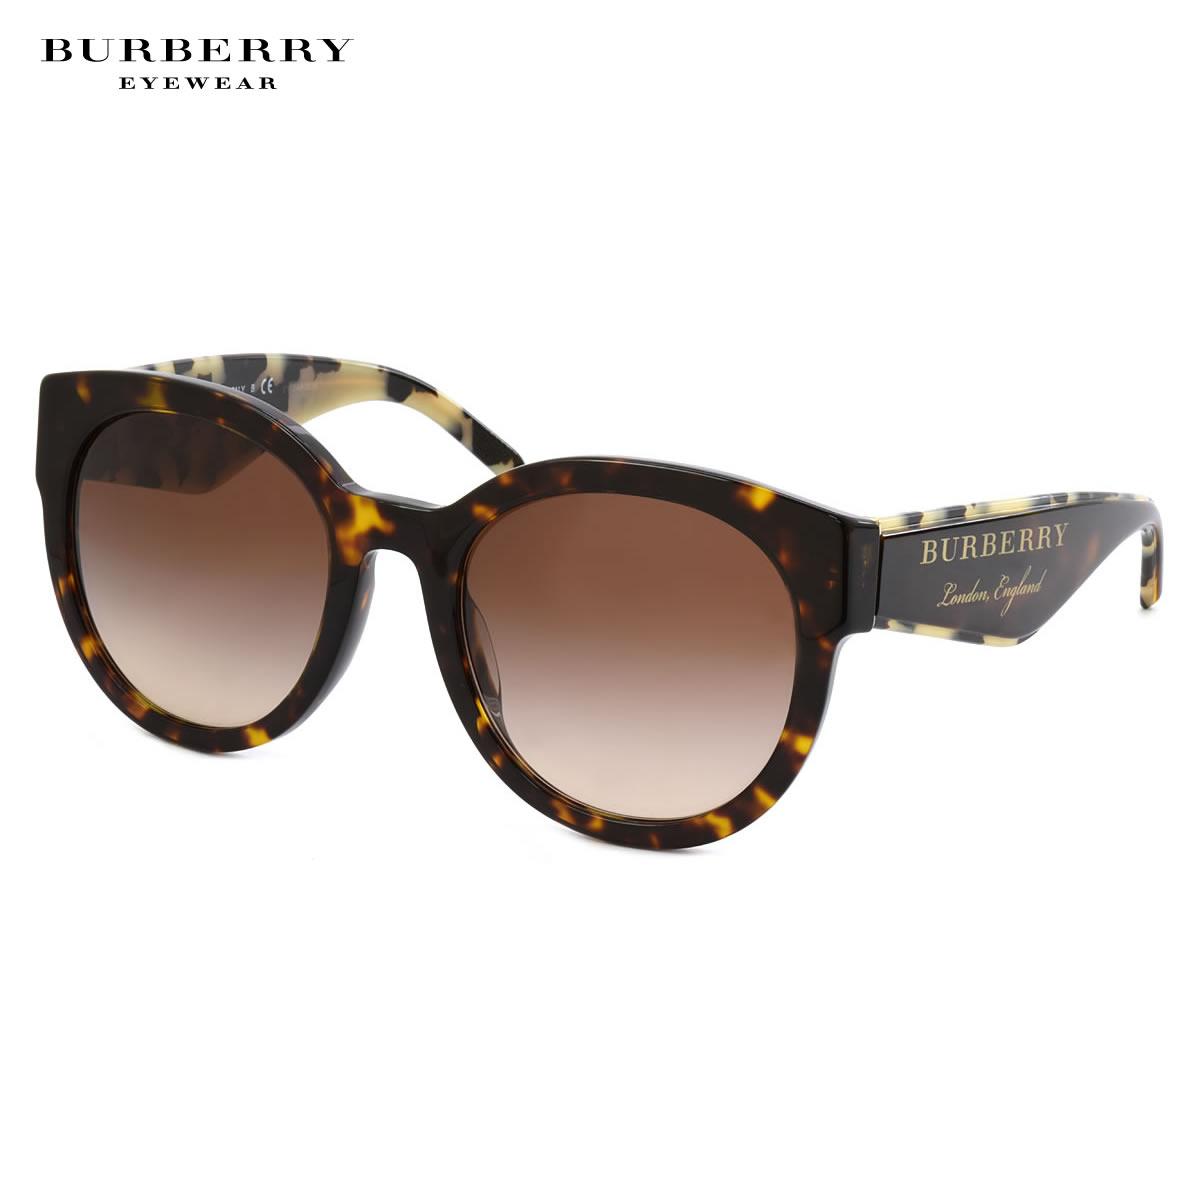 バーバリー BURBERRY サングラス BE4260F 368813 54サイズ ササ柄 トレンド イタリア製 MADE IN ITALY バーバリー BURBERRY メンズ レディース